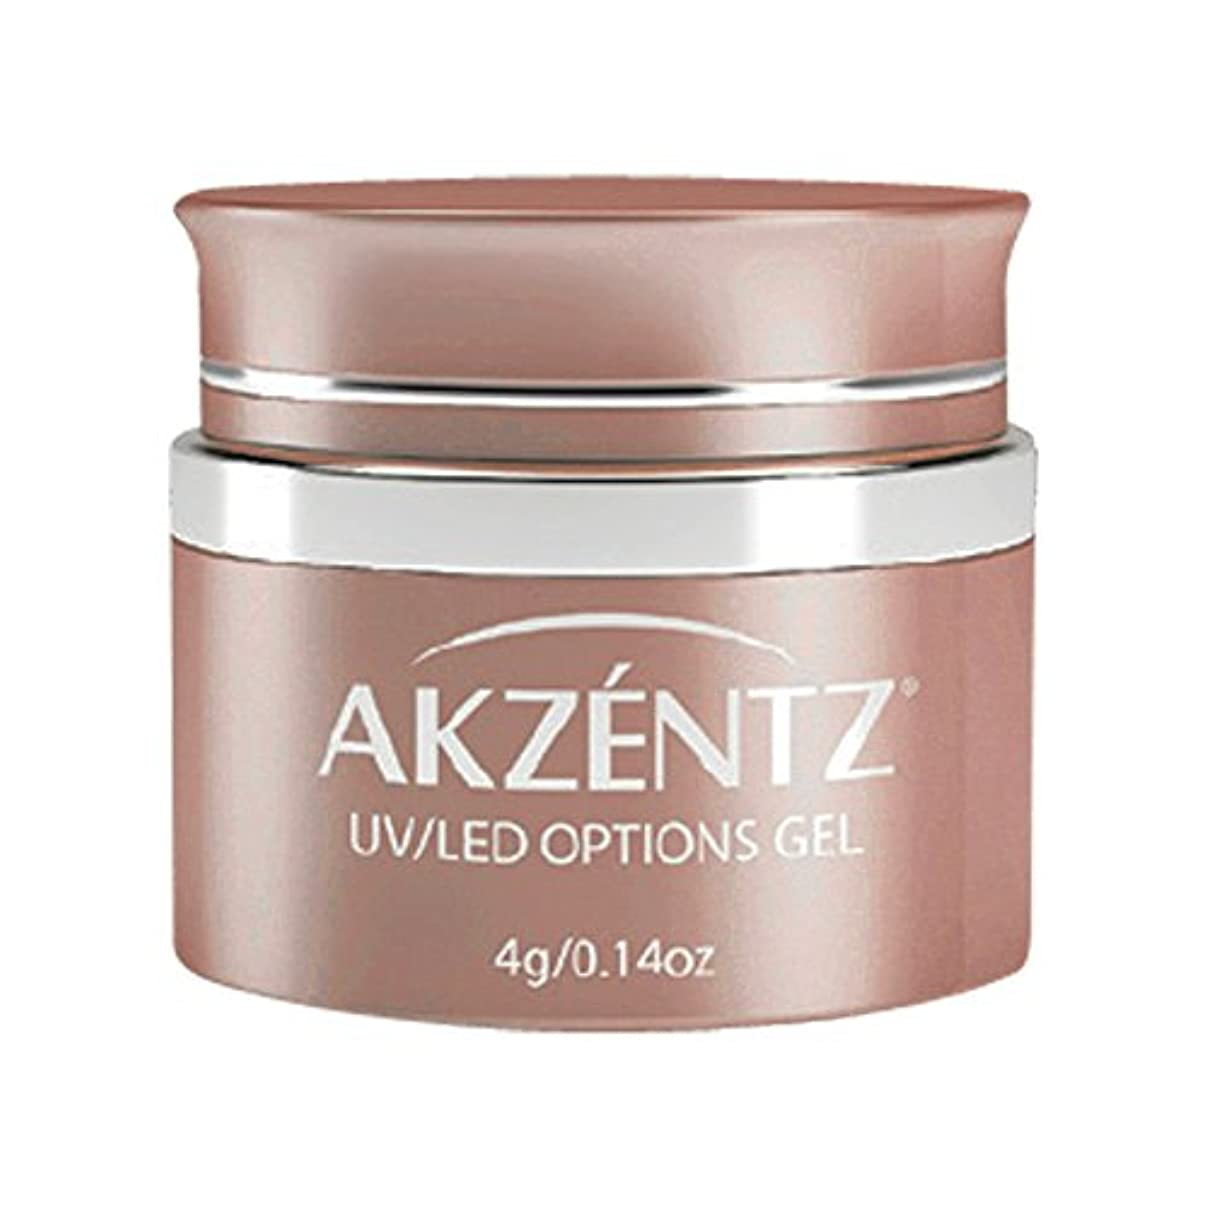 普通にお願いします裸AKZENTZ カラージェル UL 717 スパークルオーロラアプリコット 4g UV/LED対応